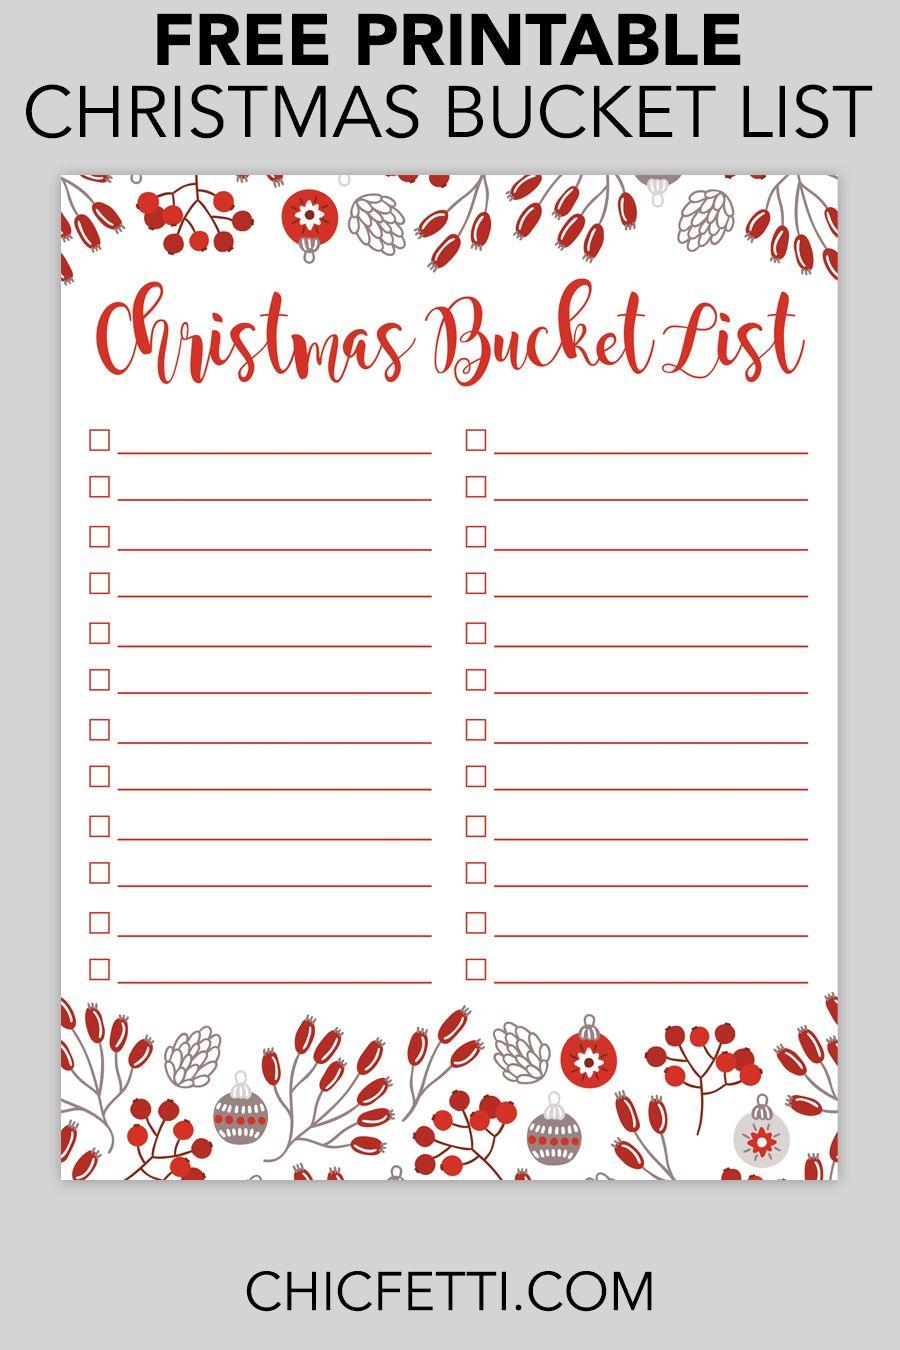 Printable Christmas Bucket List Christmas Bucket List Printable Christmas List Template Free Christmas Printables